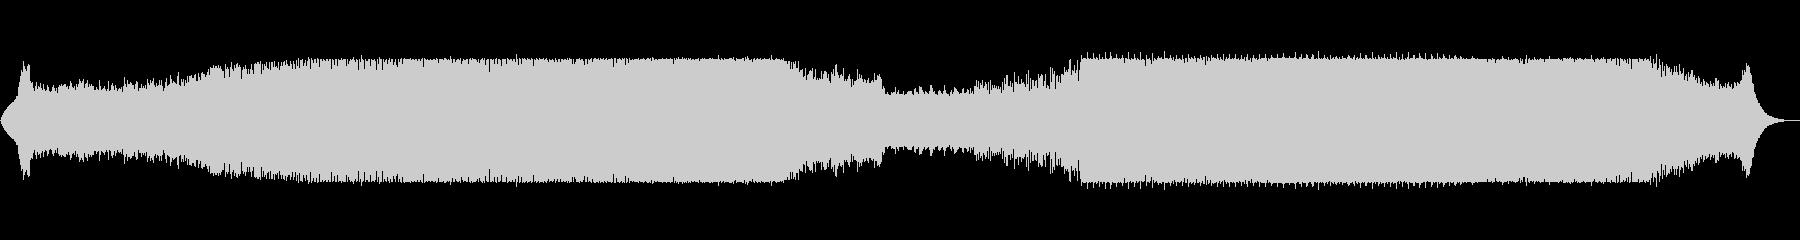 bpm127幻想的なストリングス+テクノの未再生の波形